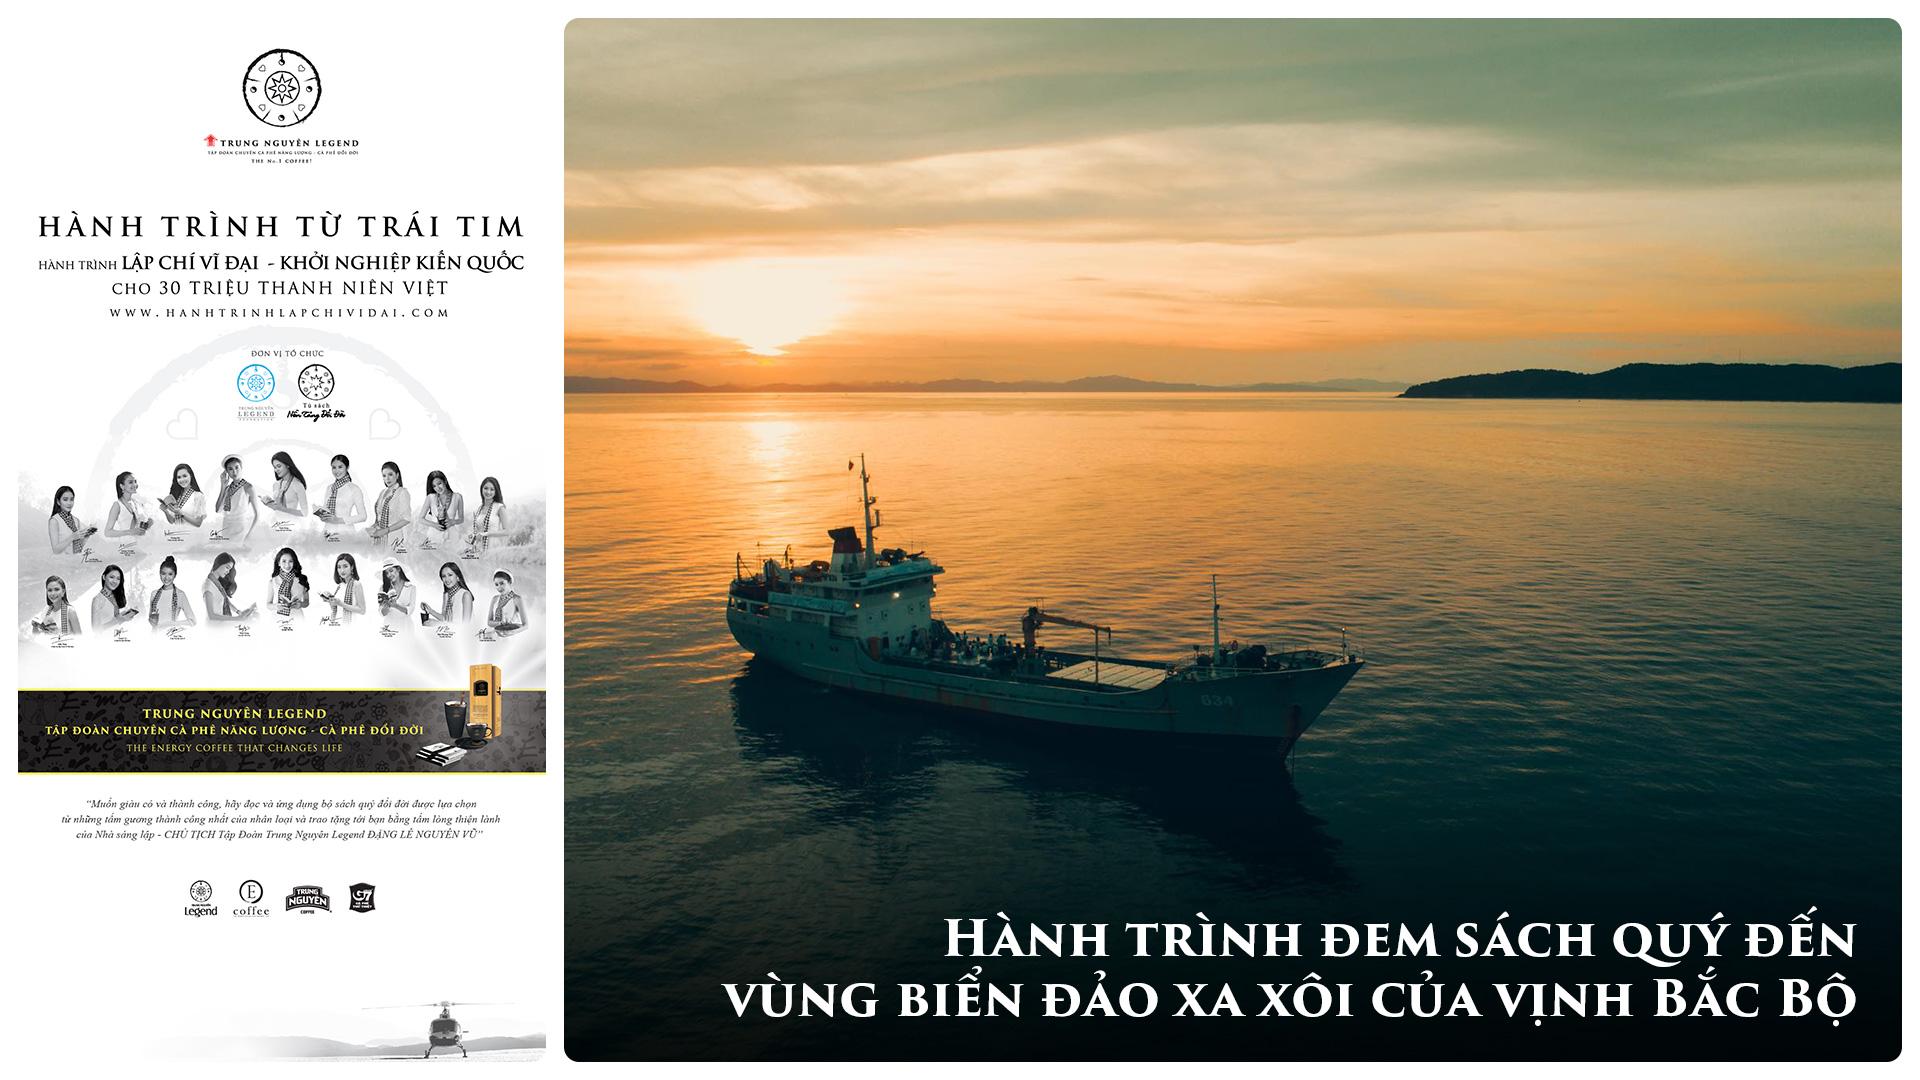 Hành Trình Từ Trái Tim đem sách quý đến vùng biển đảo xa xôi của vịnh Bắc Bộ